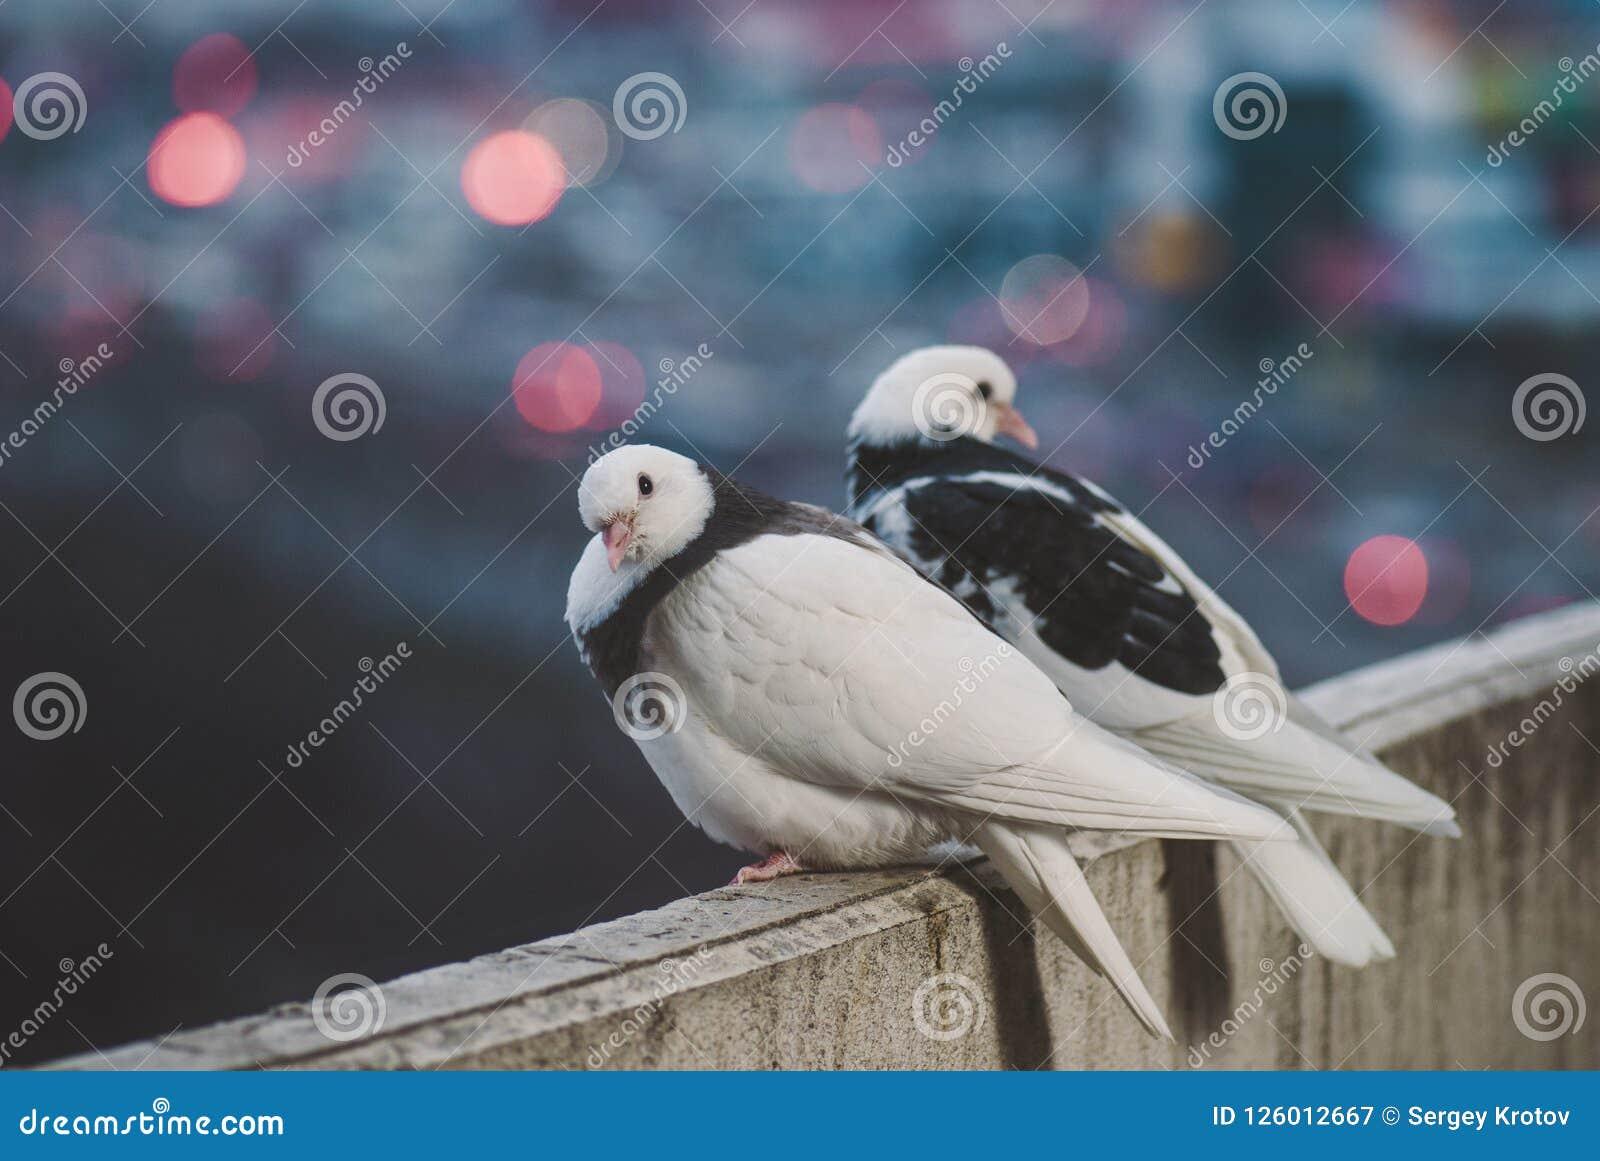 Nido Di Tortore Sul Balcone foto stock e immagini a tema colombe sul balcone - scarica